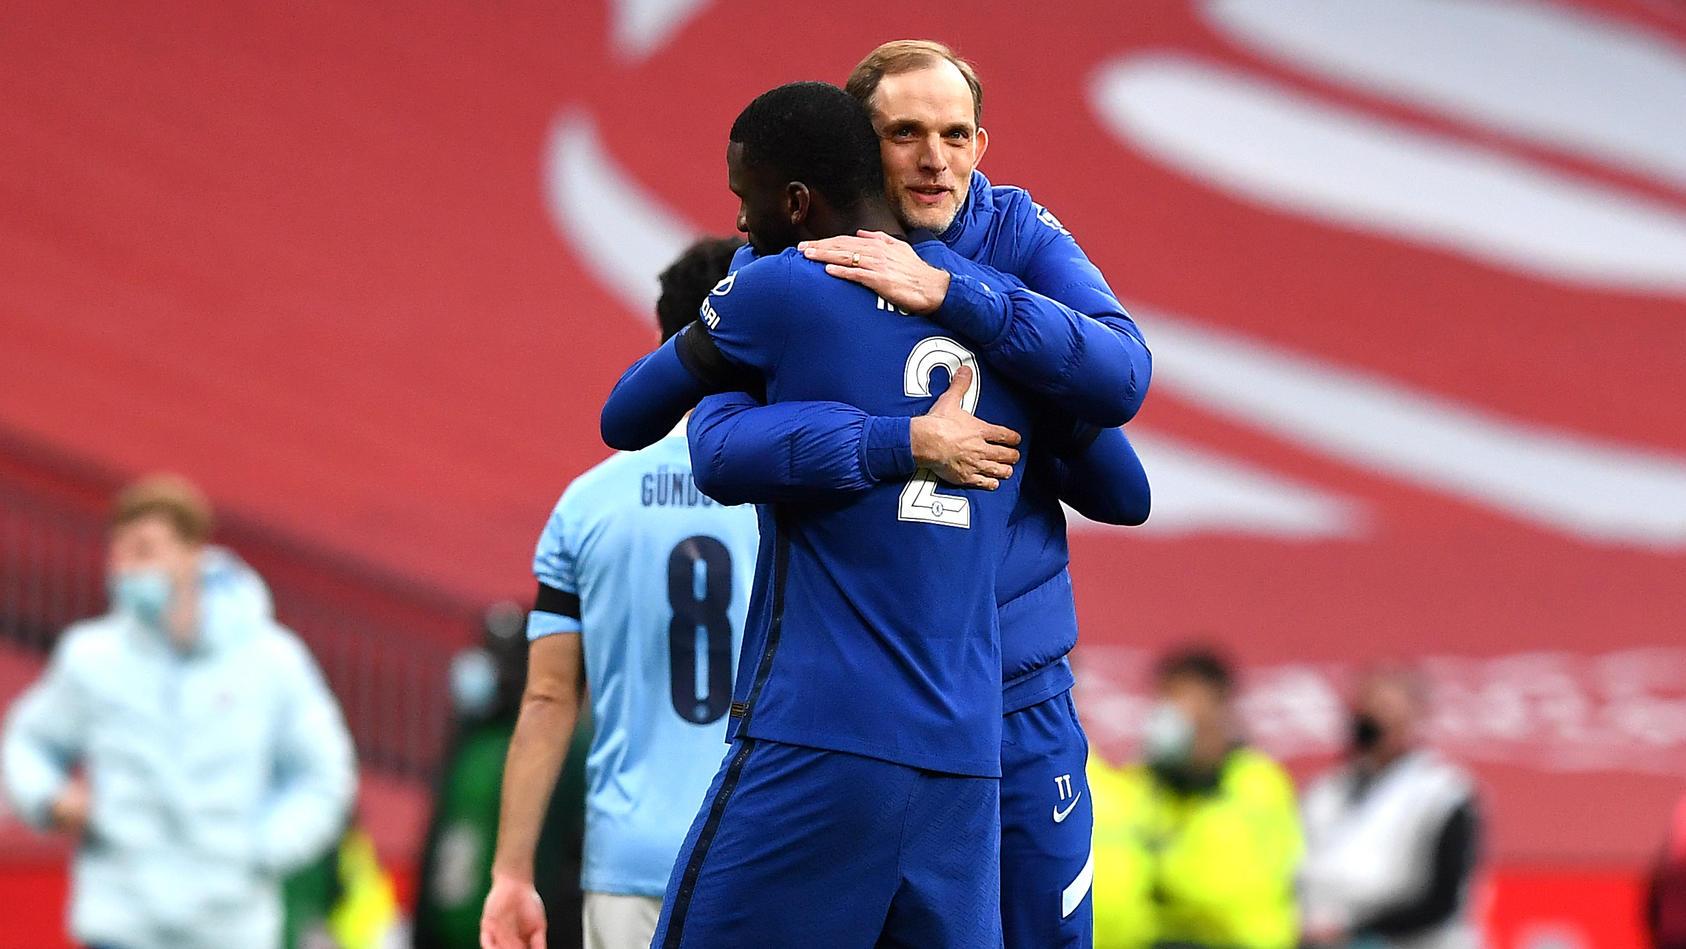 Große Freude: Chelsea-Coach Thomas Tuchel und Nationalspieler Antonio Rüdiger feiern den Einzug ins FA-Cup-Finale.